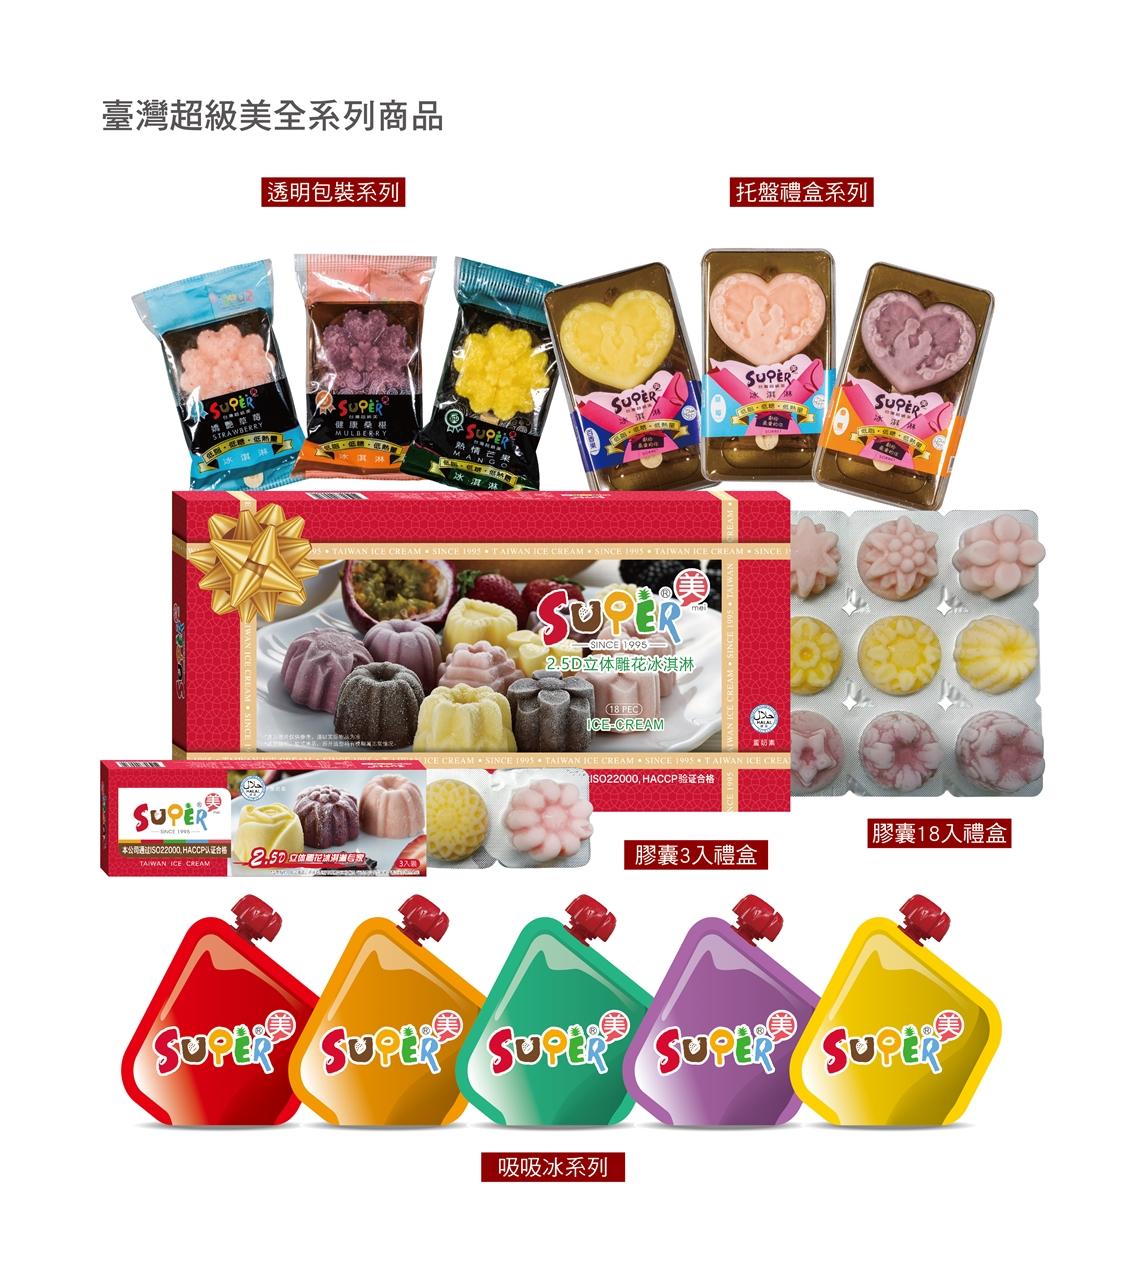 Tauwan Supermei Ice Cream